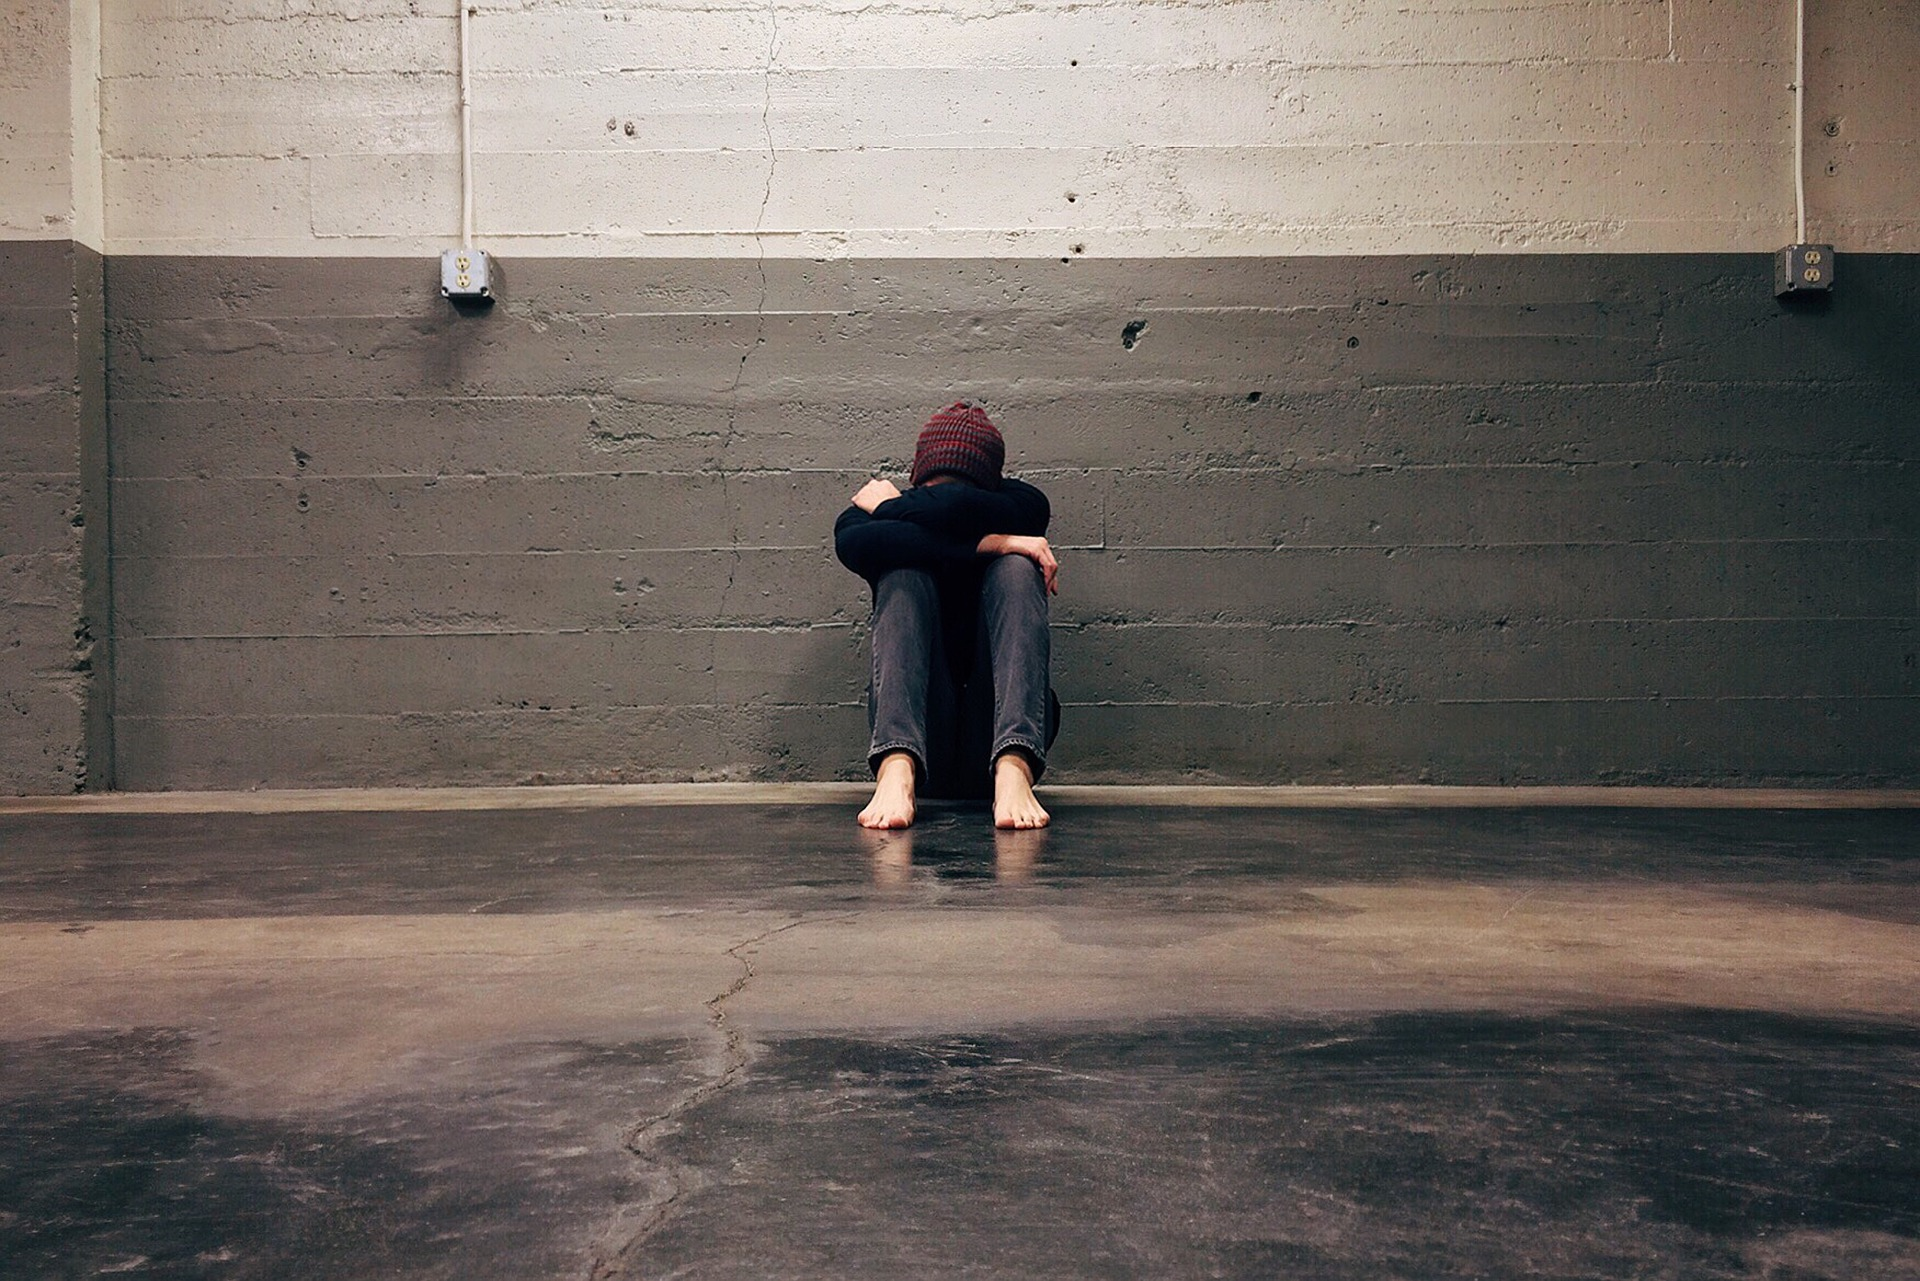 medidas judiciais para sair de uma relação abusiva